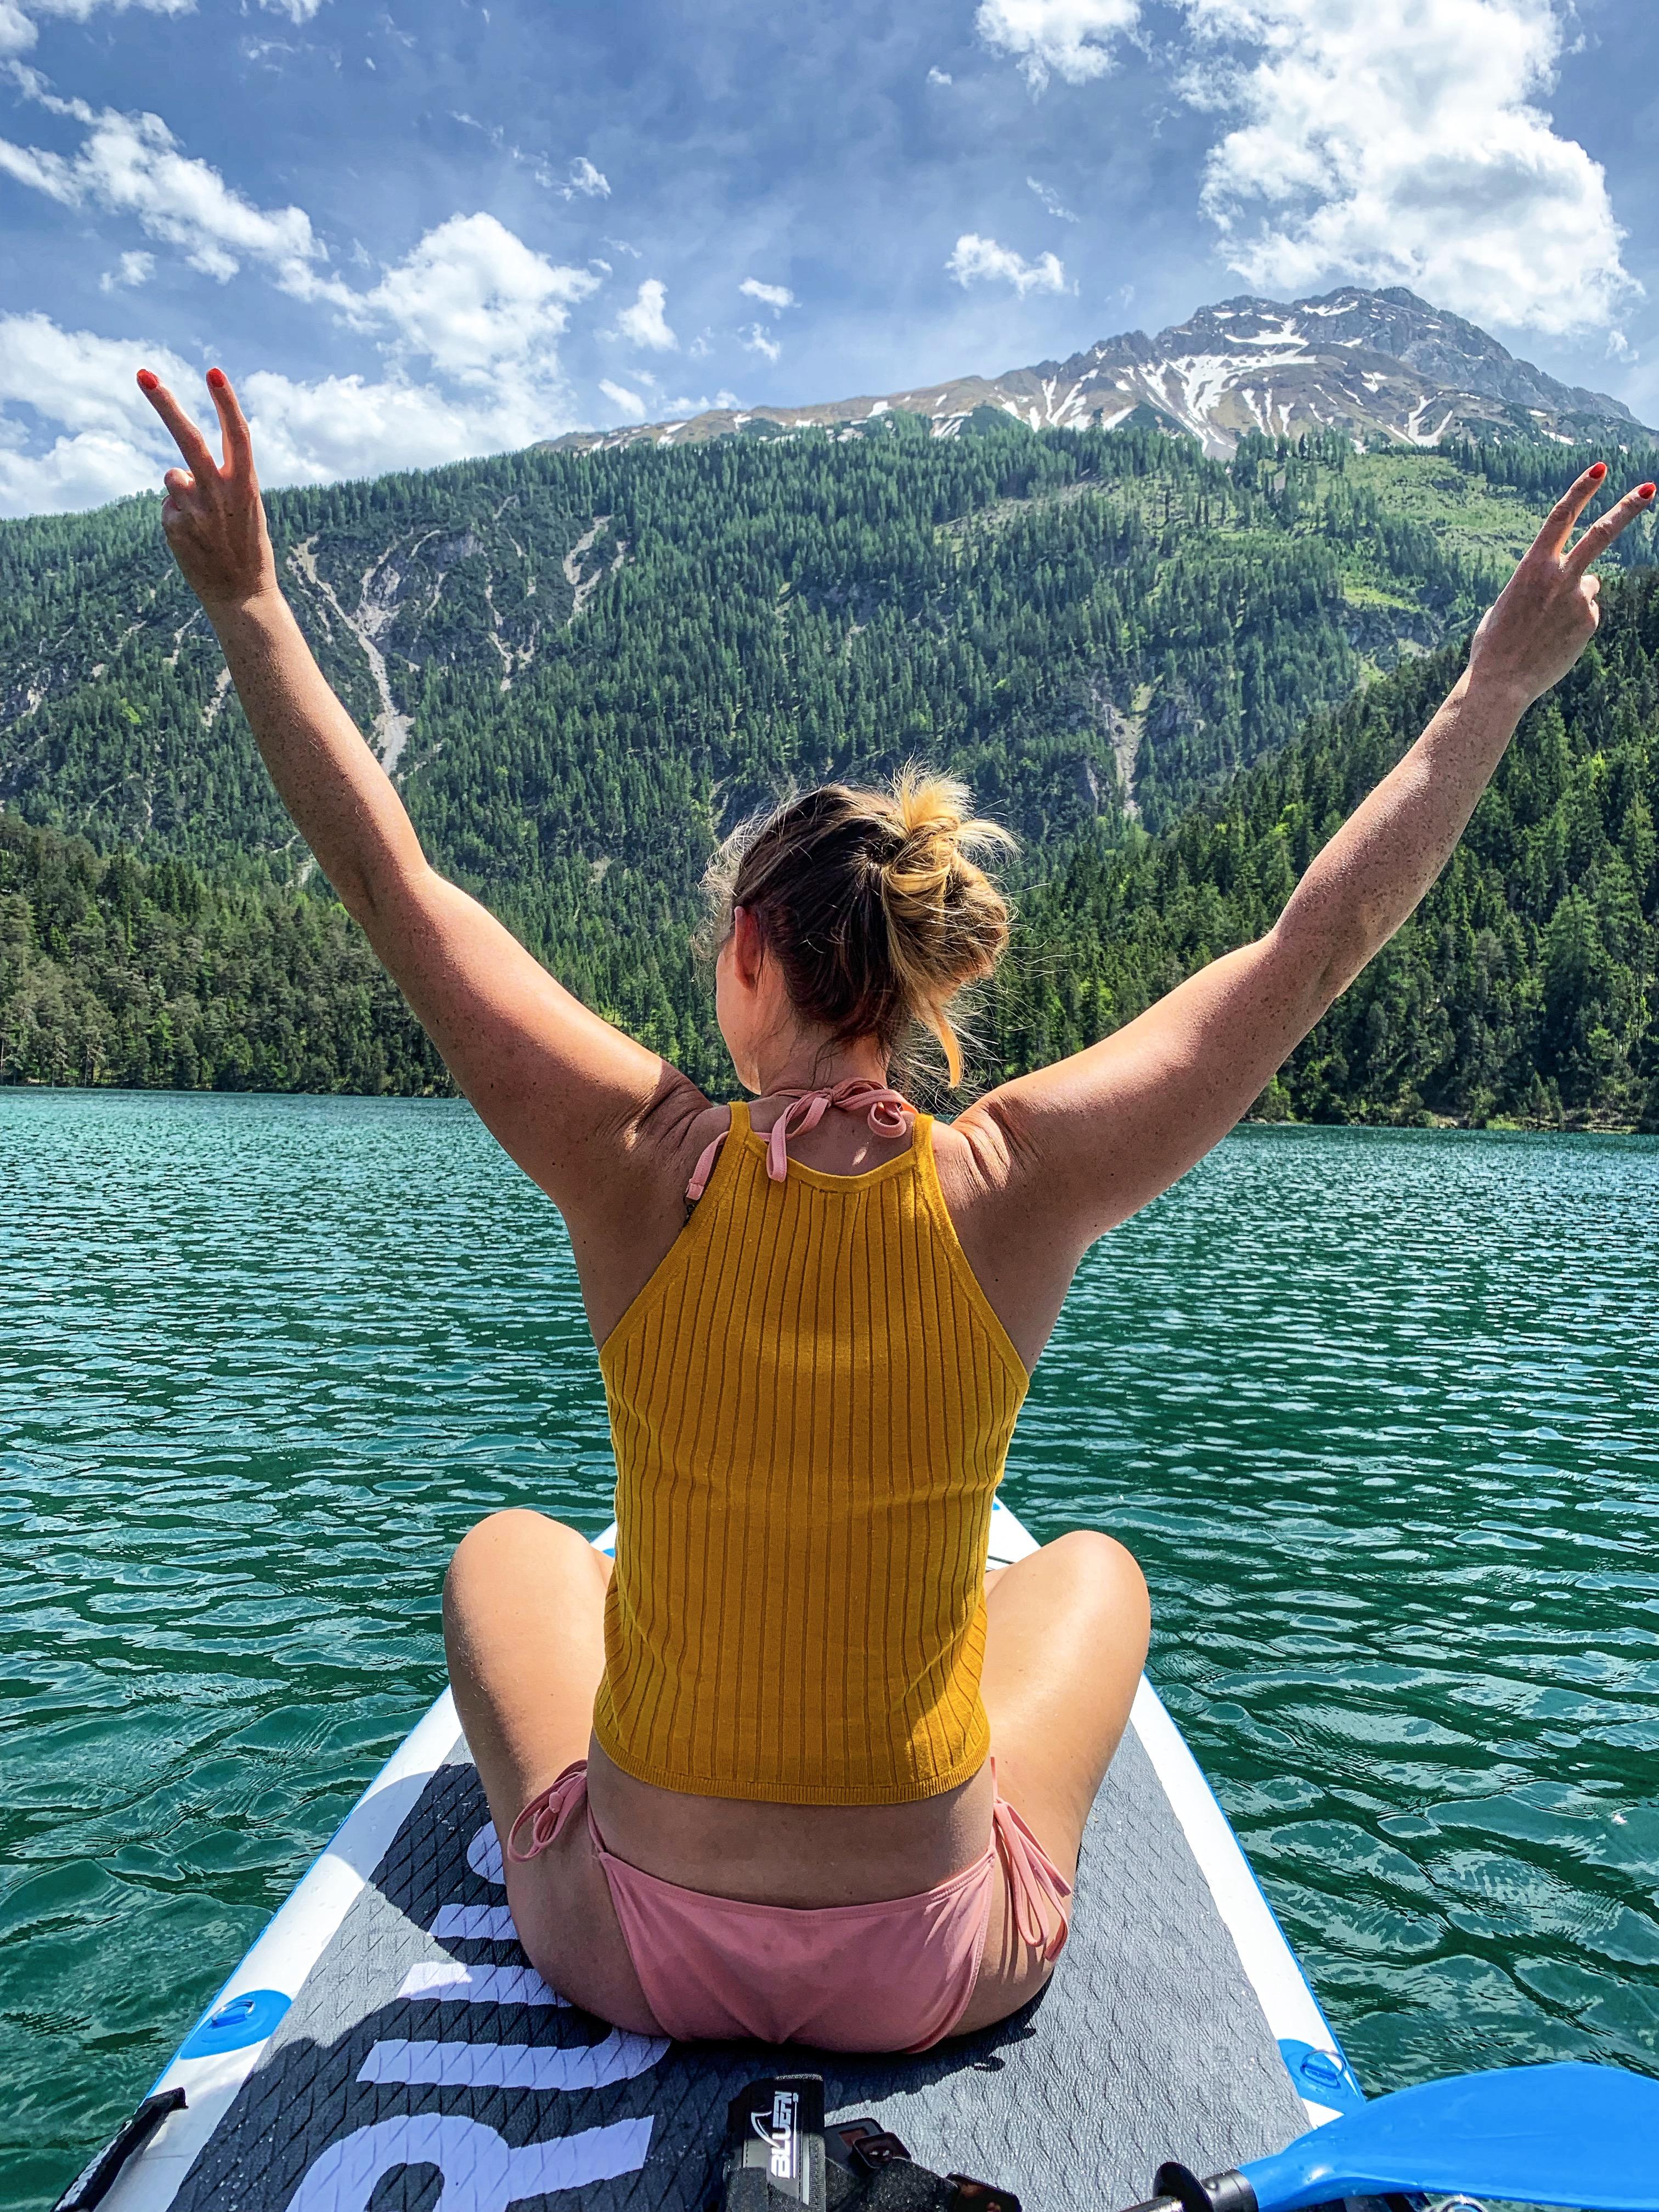 La più bella location per fare stand-up paddle in Austria, La più bella location per fare stand-up paddle in Austria